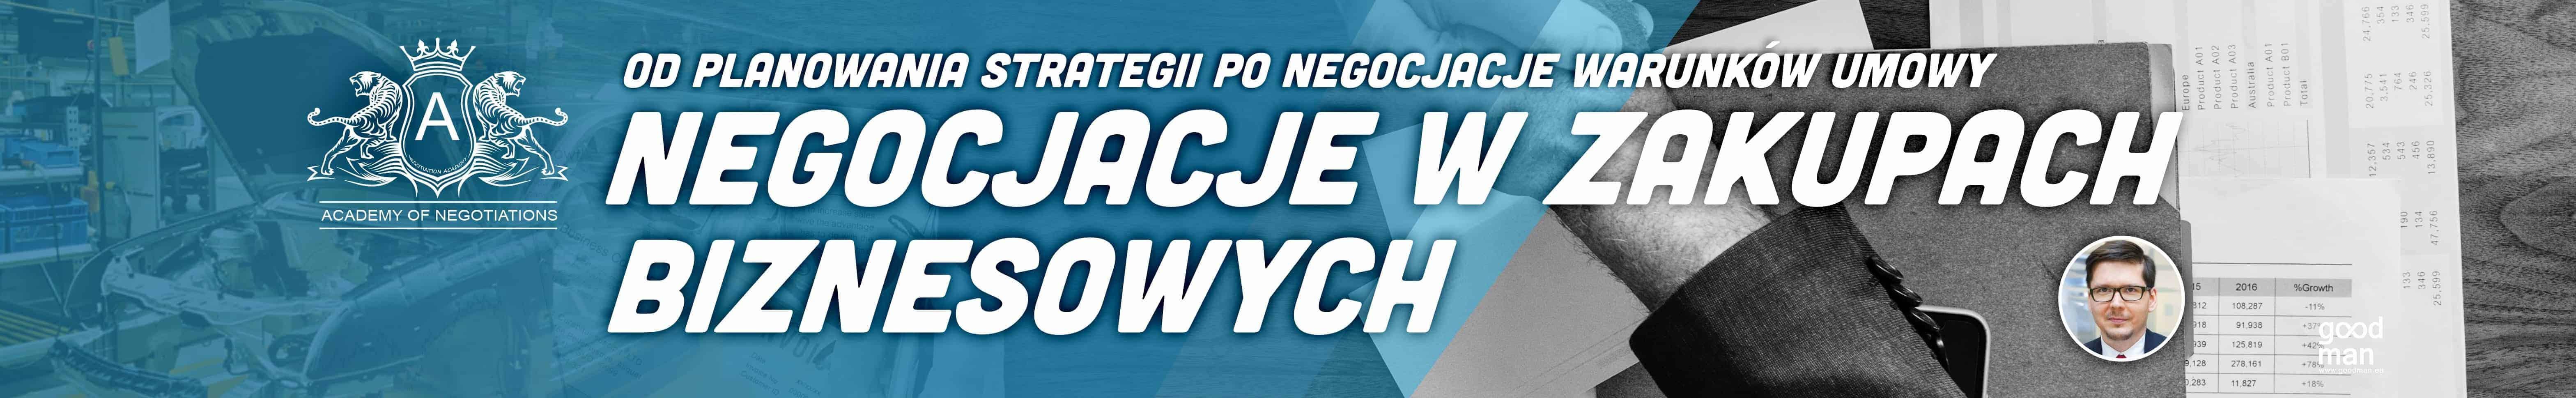 negocjacje zakupowe szkolenie poznan karpacz warszawa 2019